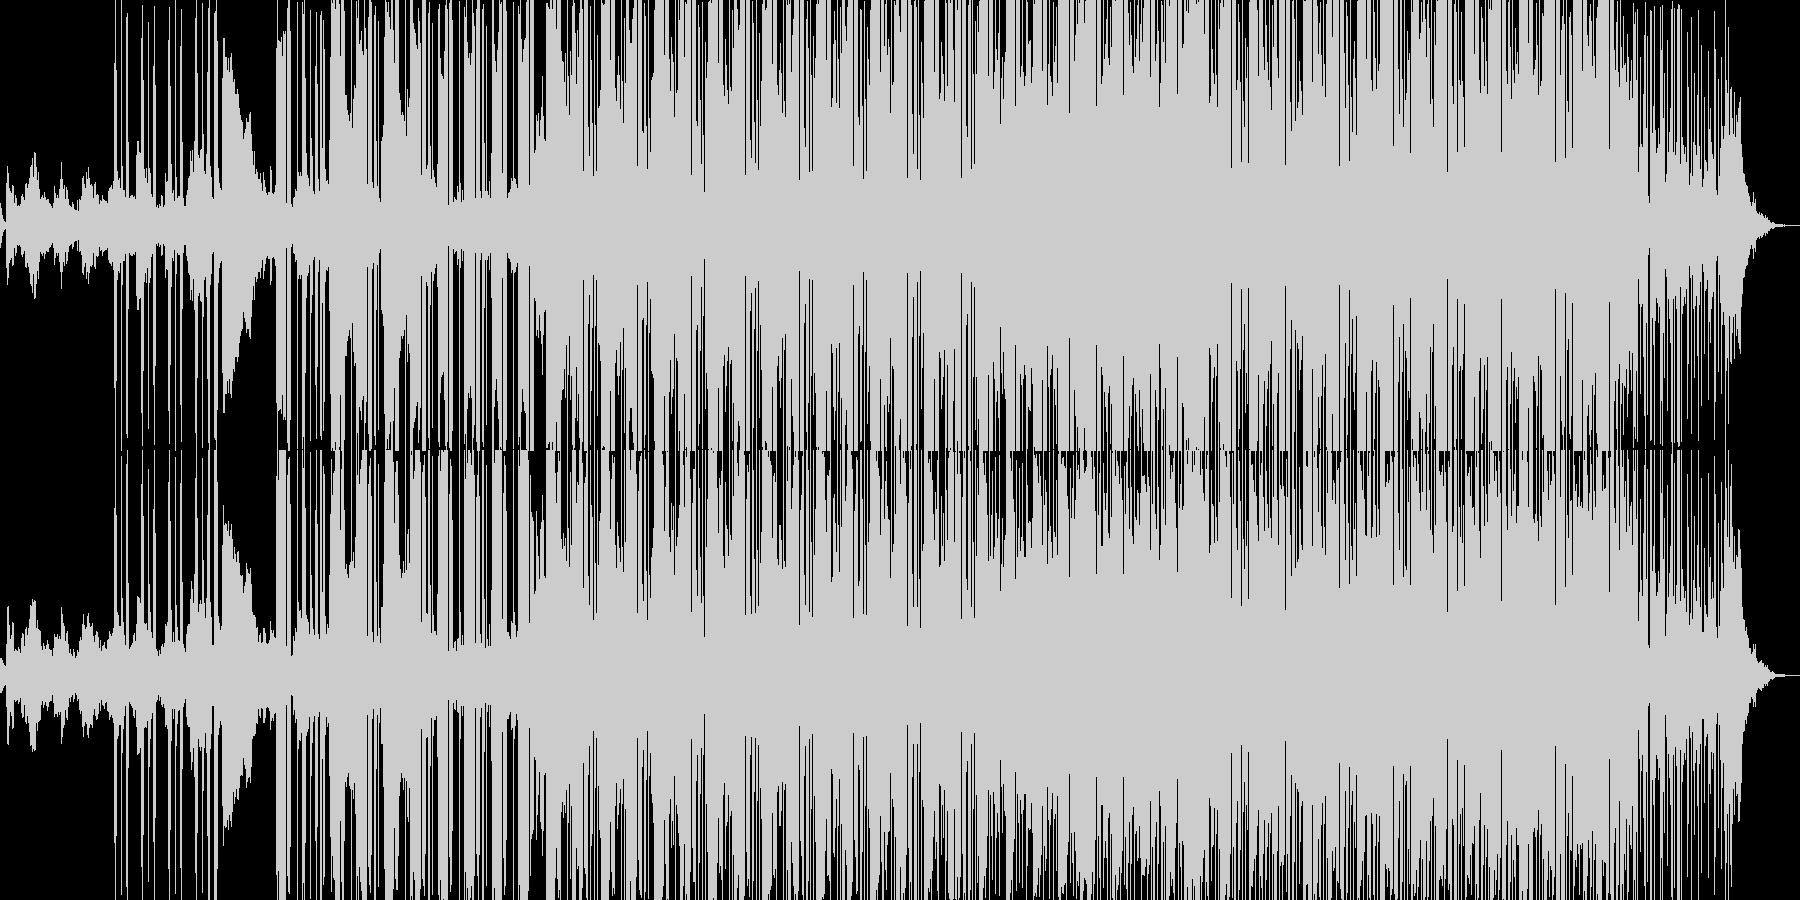 肉声を組み込んだ重厚感のあるヒップホップの未再生の波形